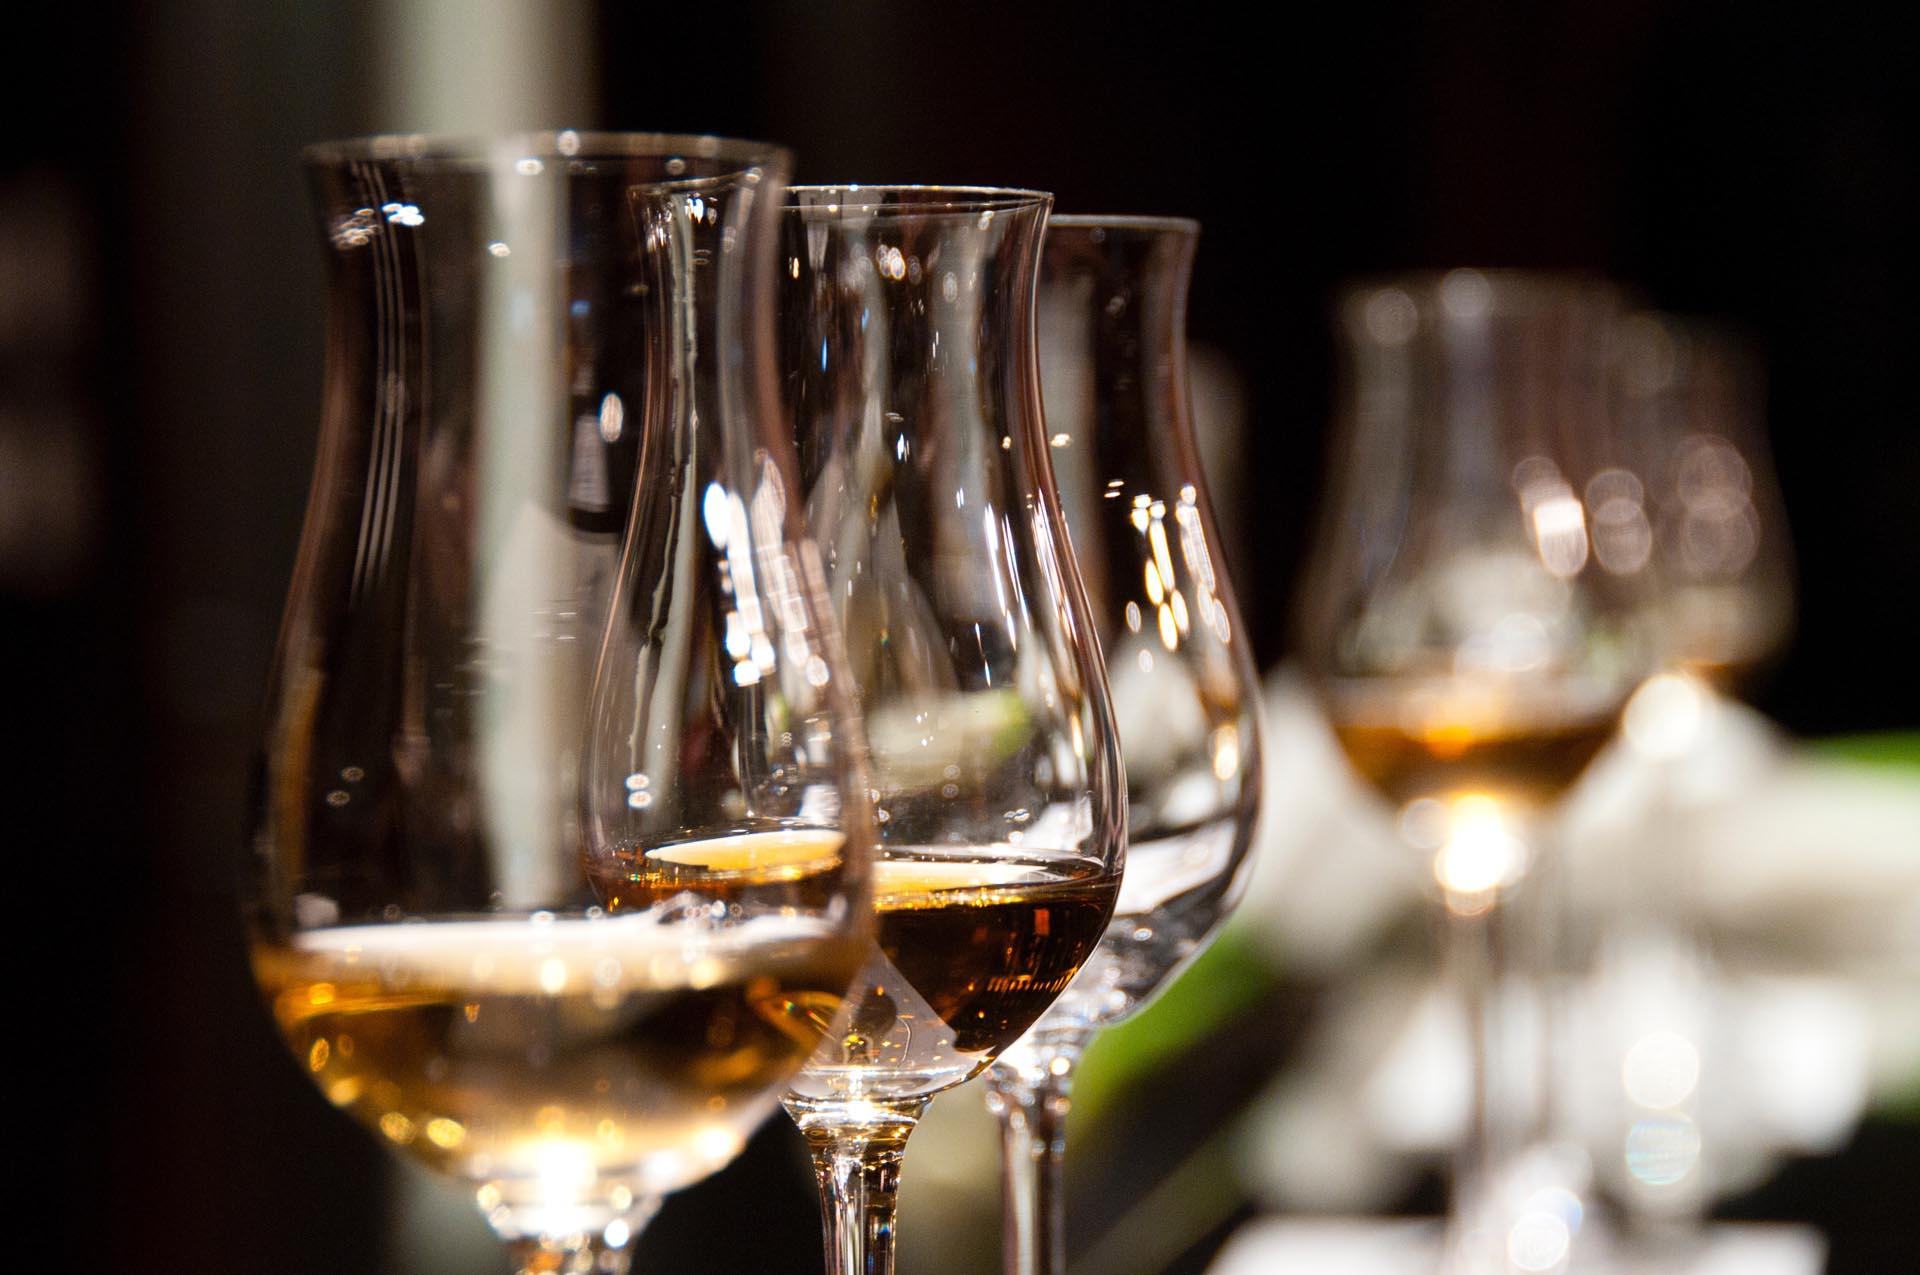 Množství alkoholu na svatbu